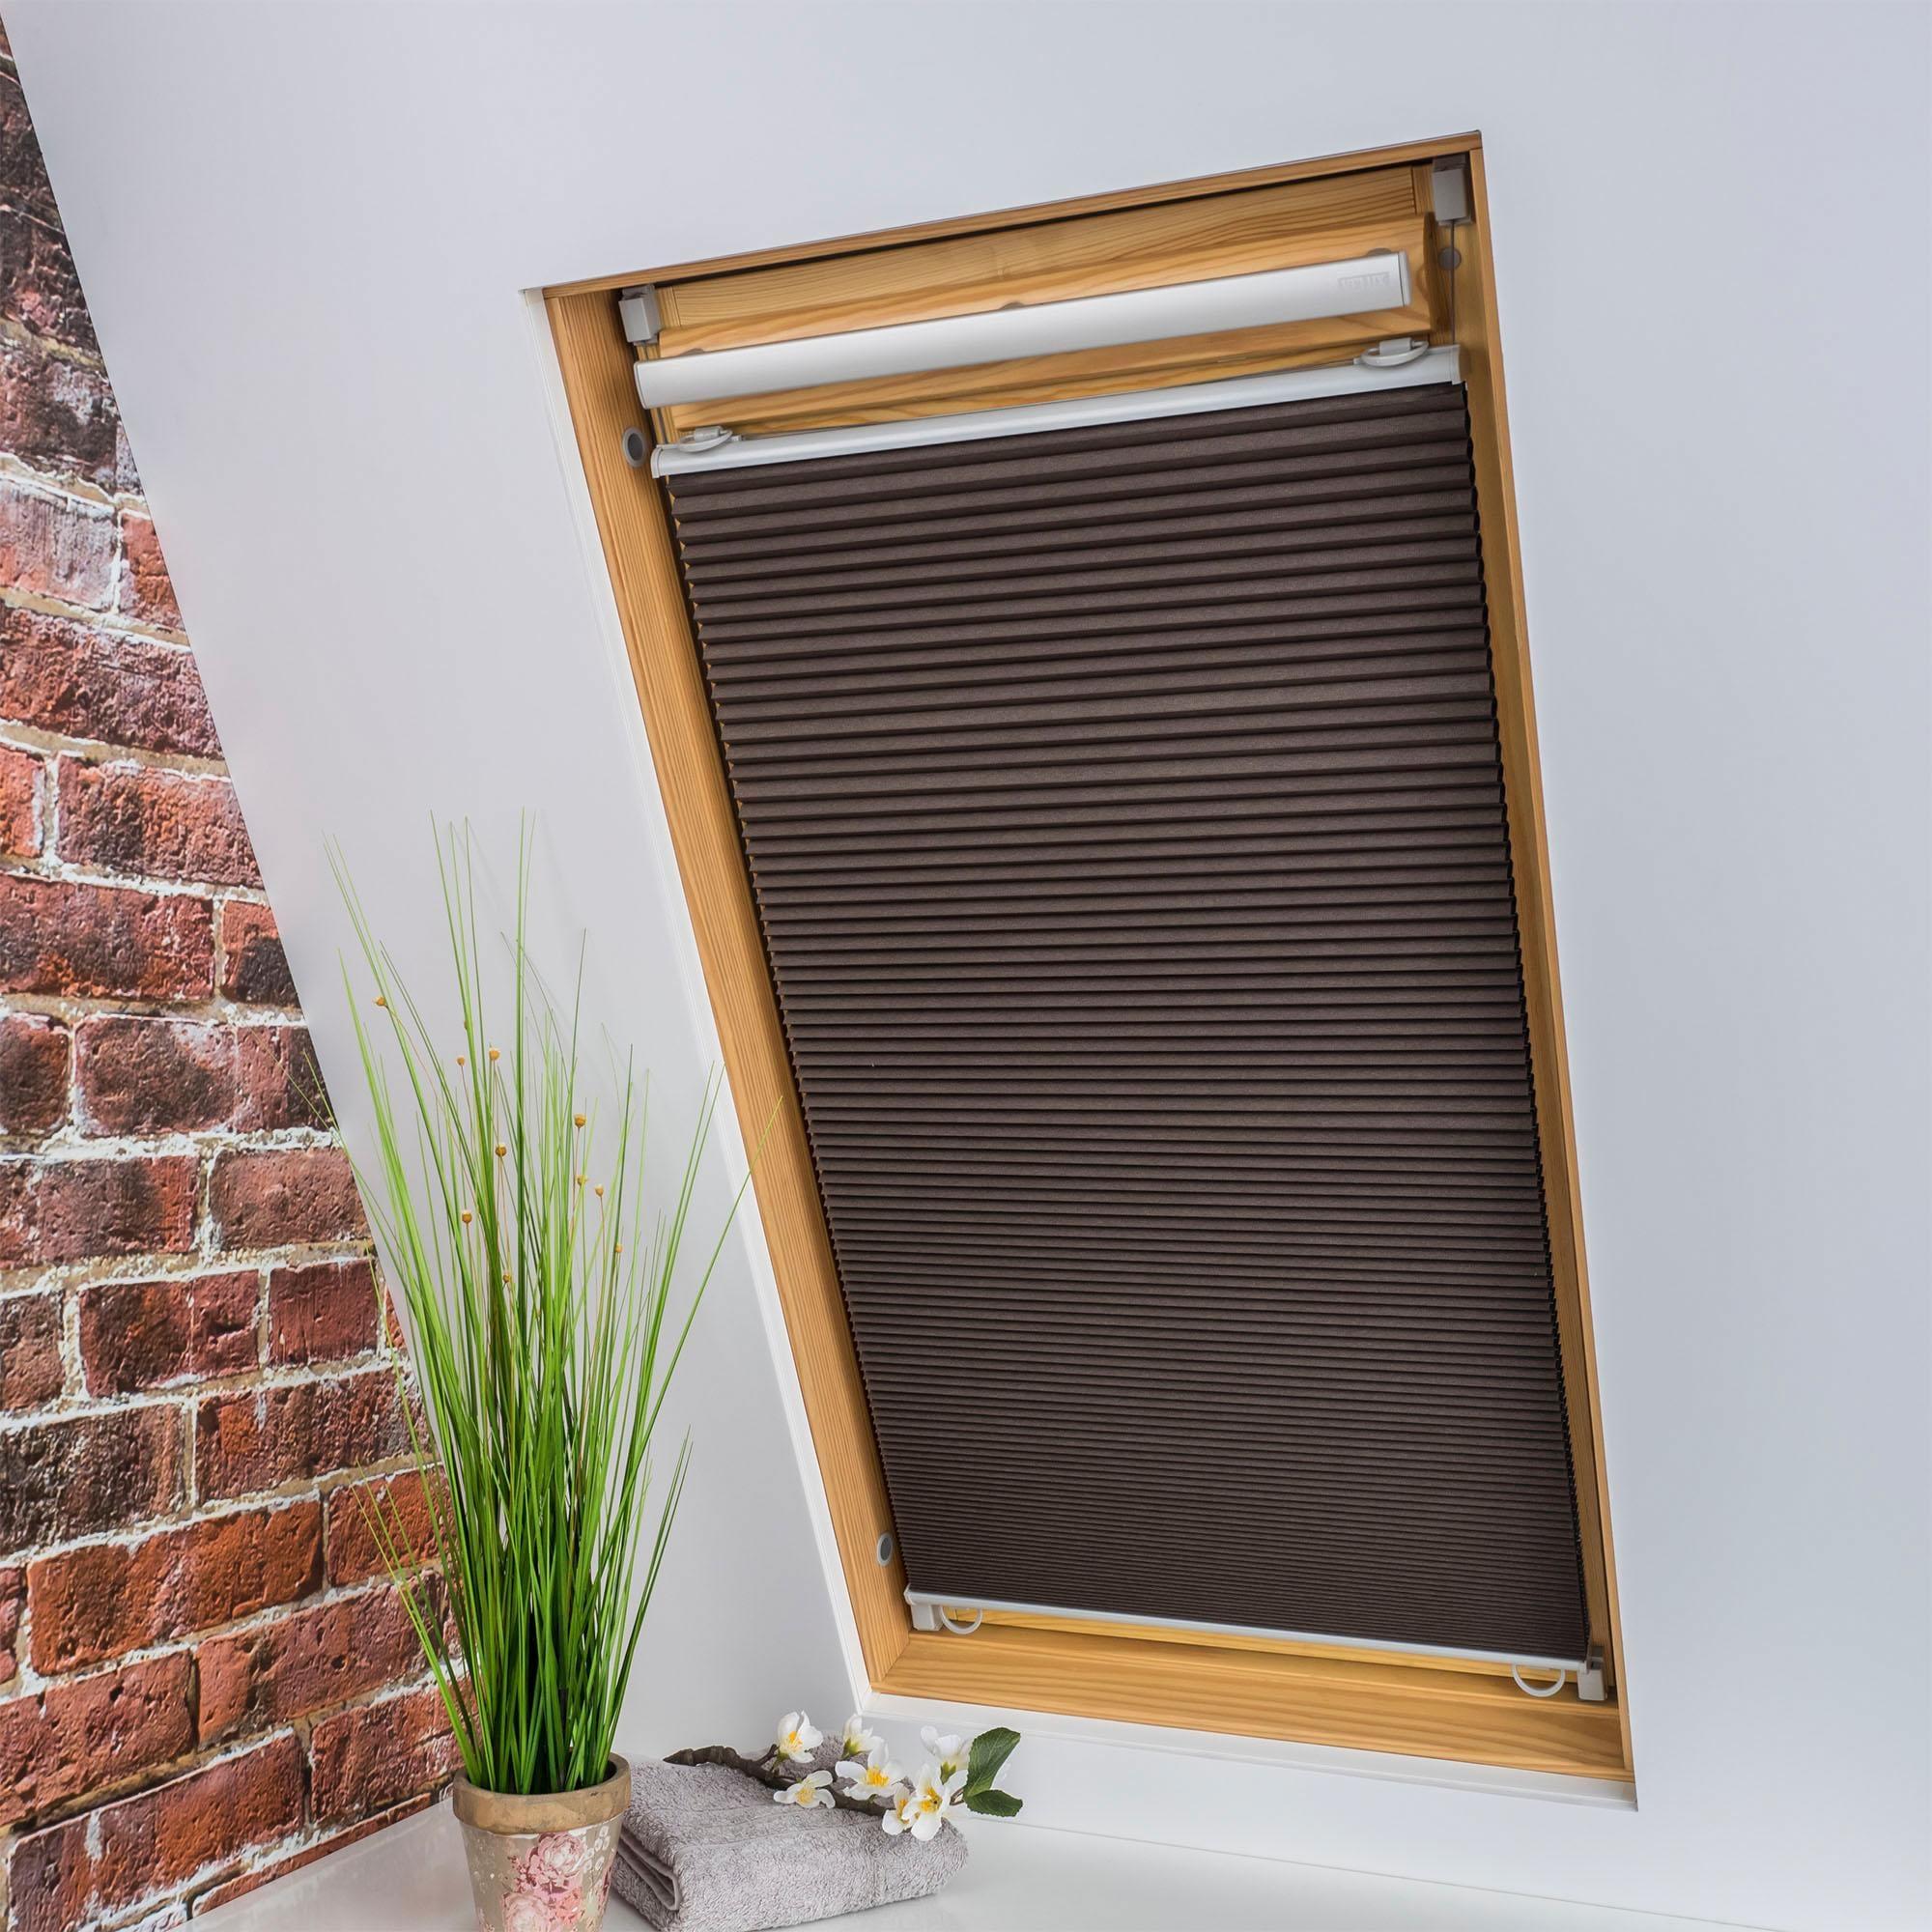 Liedeco Dachfensterplissee Universal Dachfenster-Plissee, Fixmaß braun Plissees ohne Bohren Rollos Jalousien Plissee